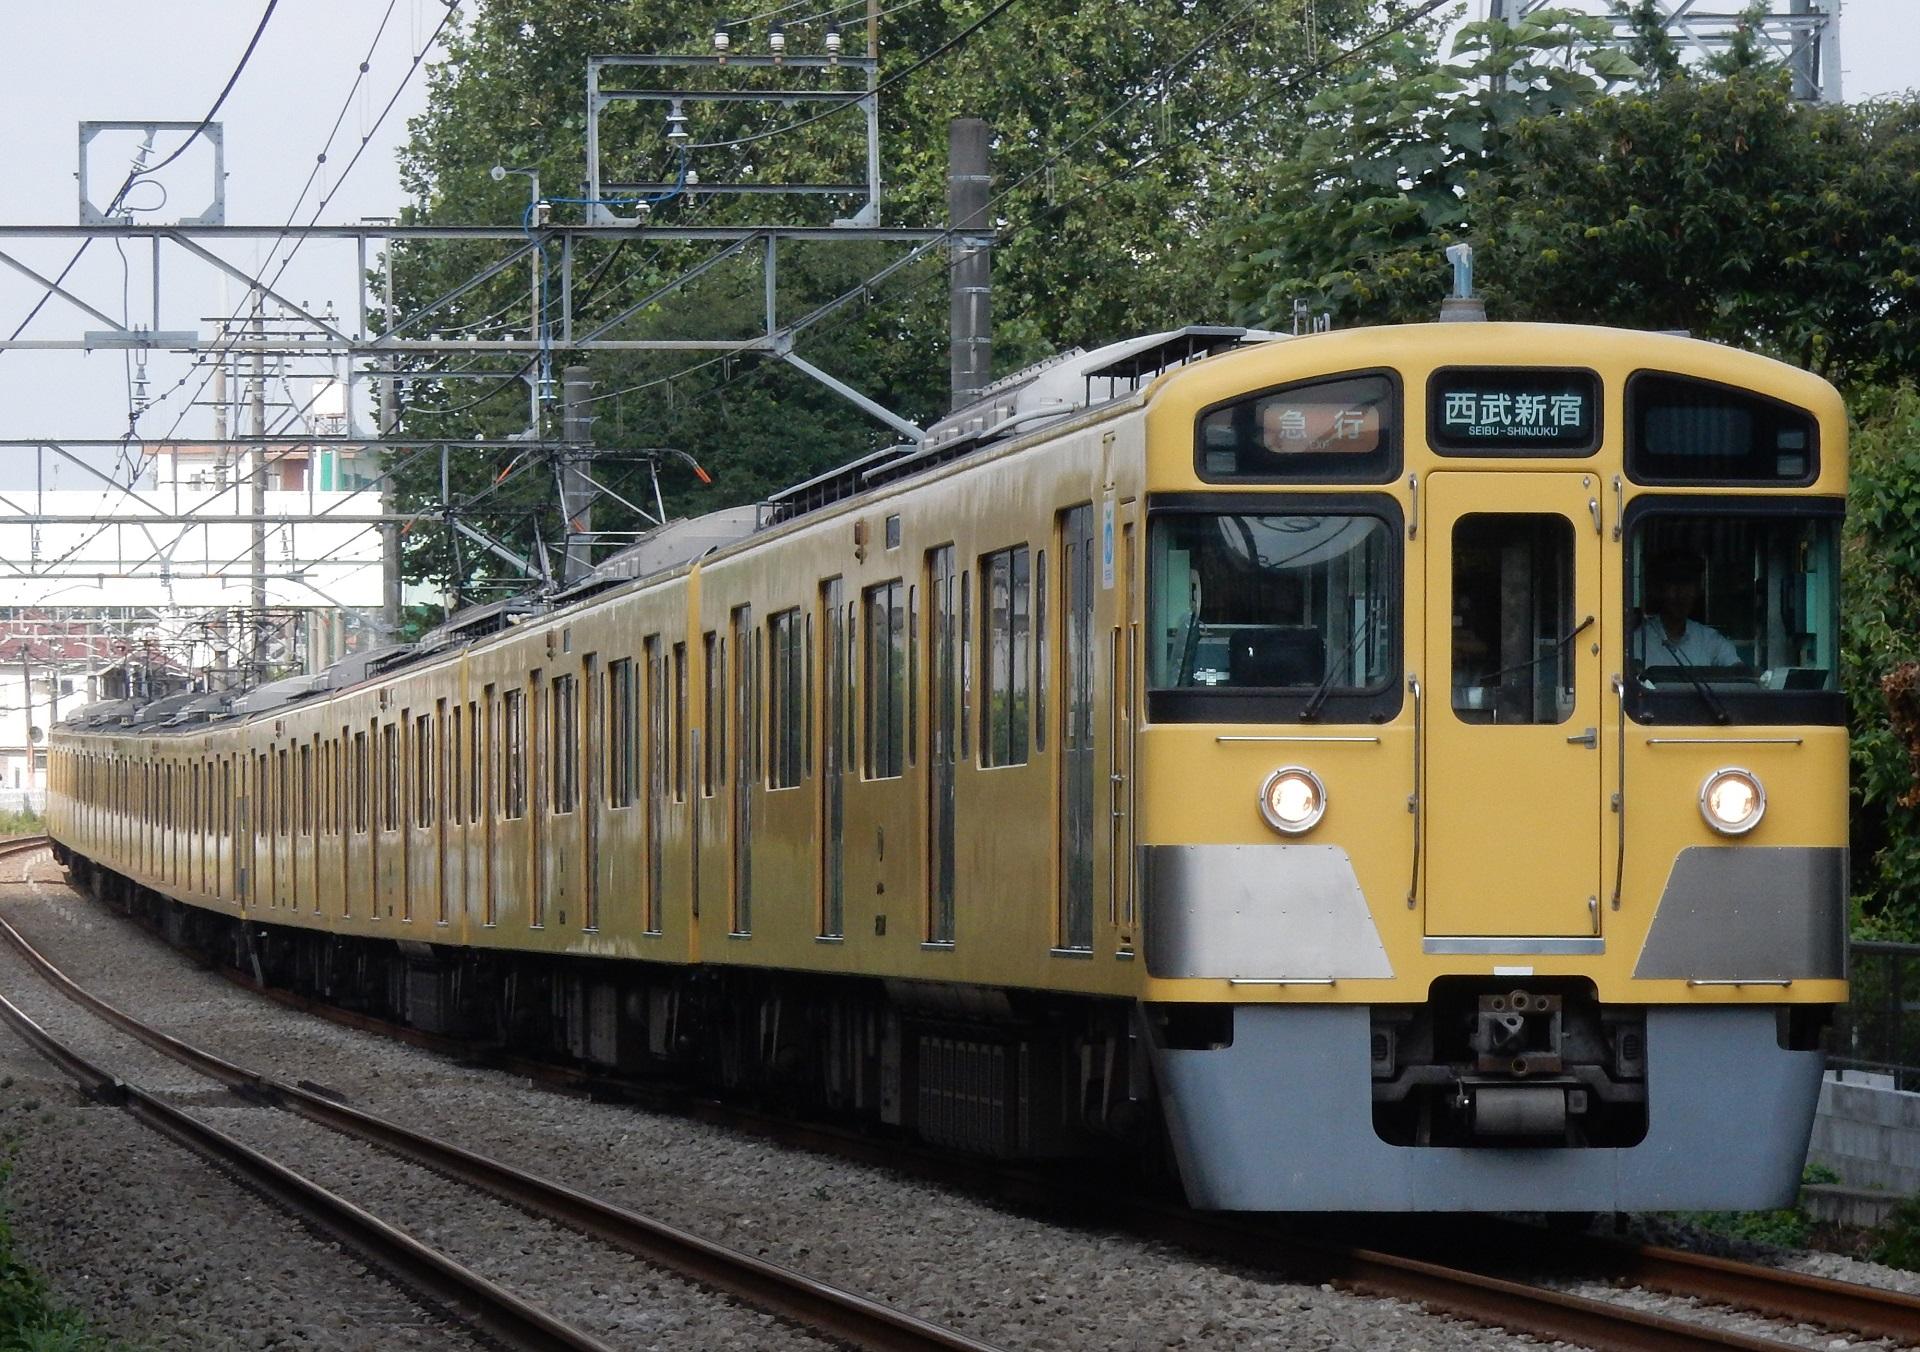 DSCN4976 - コピー